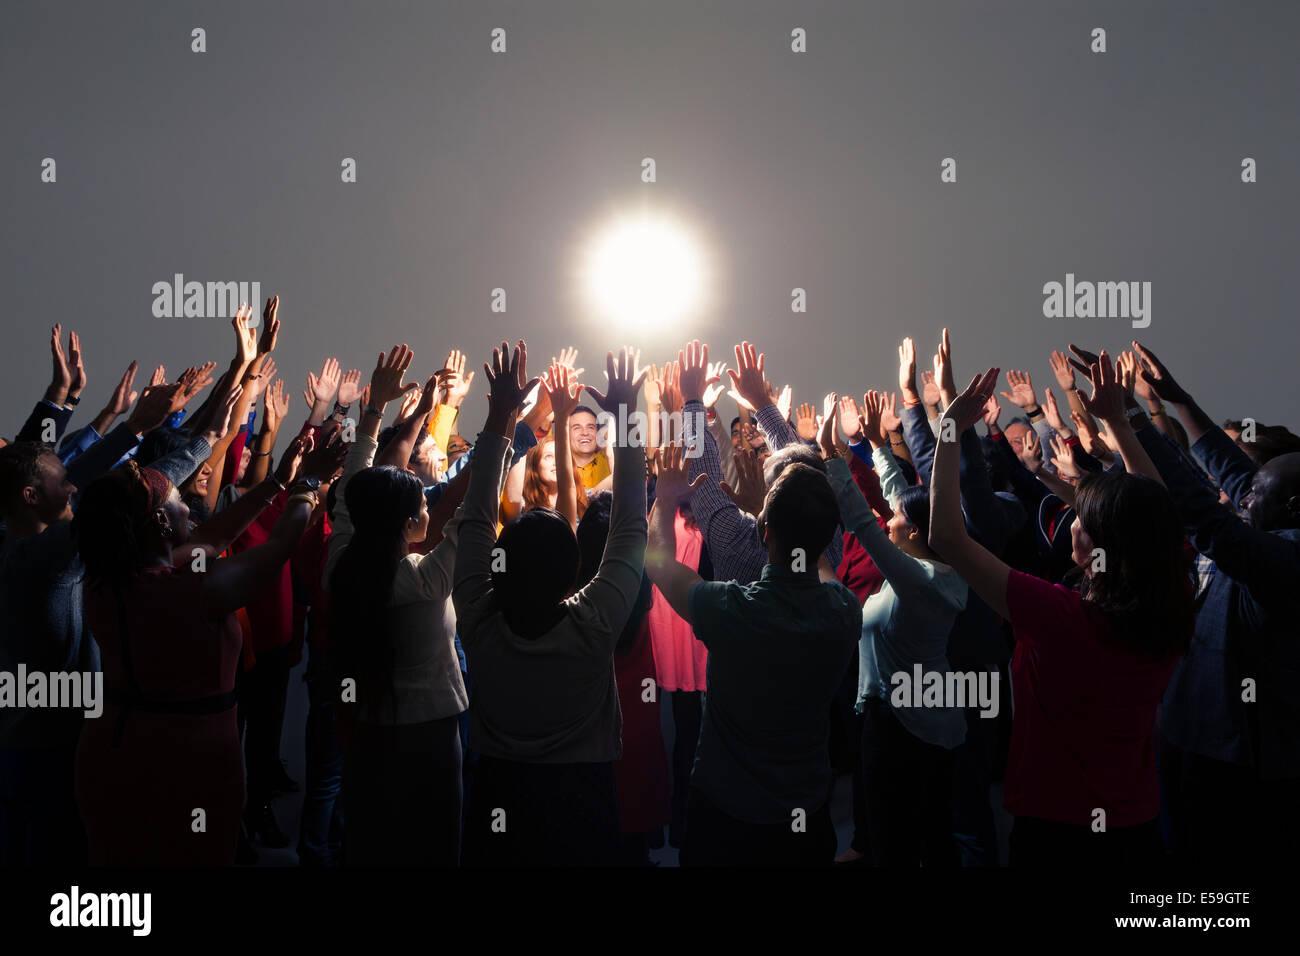 Folla variegata con bracci sollevati intorno a una luce brillante Foto Stock